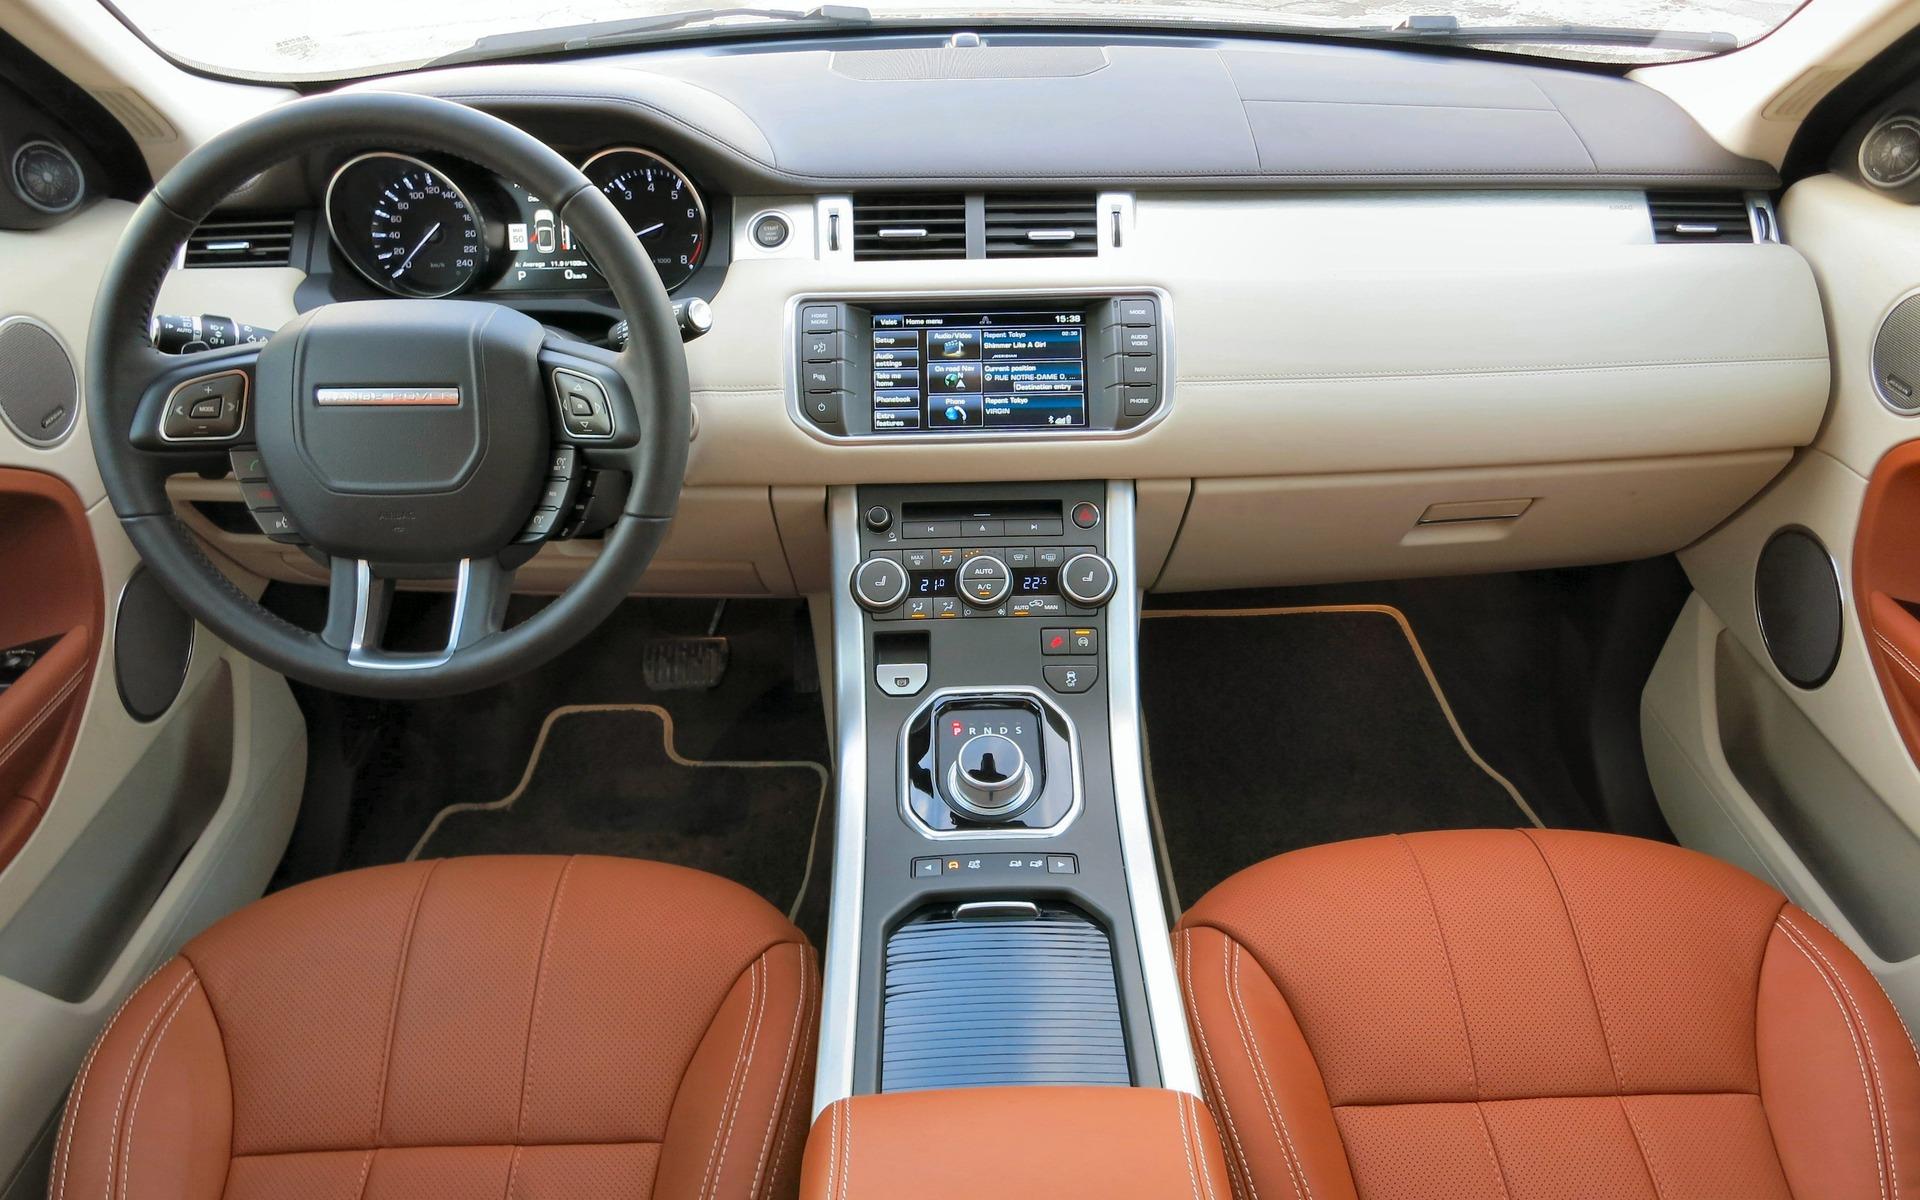 https://i.gaw.to/content/photos/18/09/180993_2015_Land_Rover_Range_Rover_Evoque.jpg